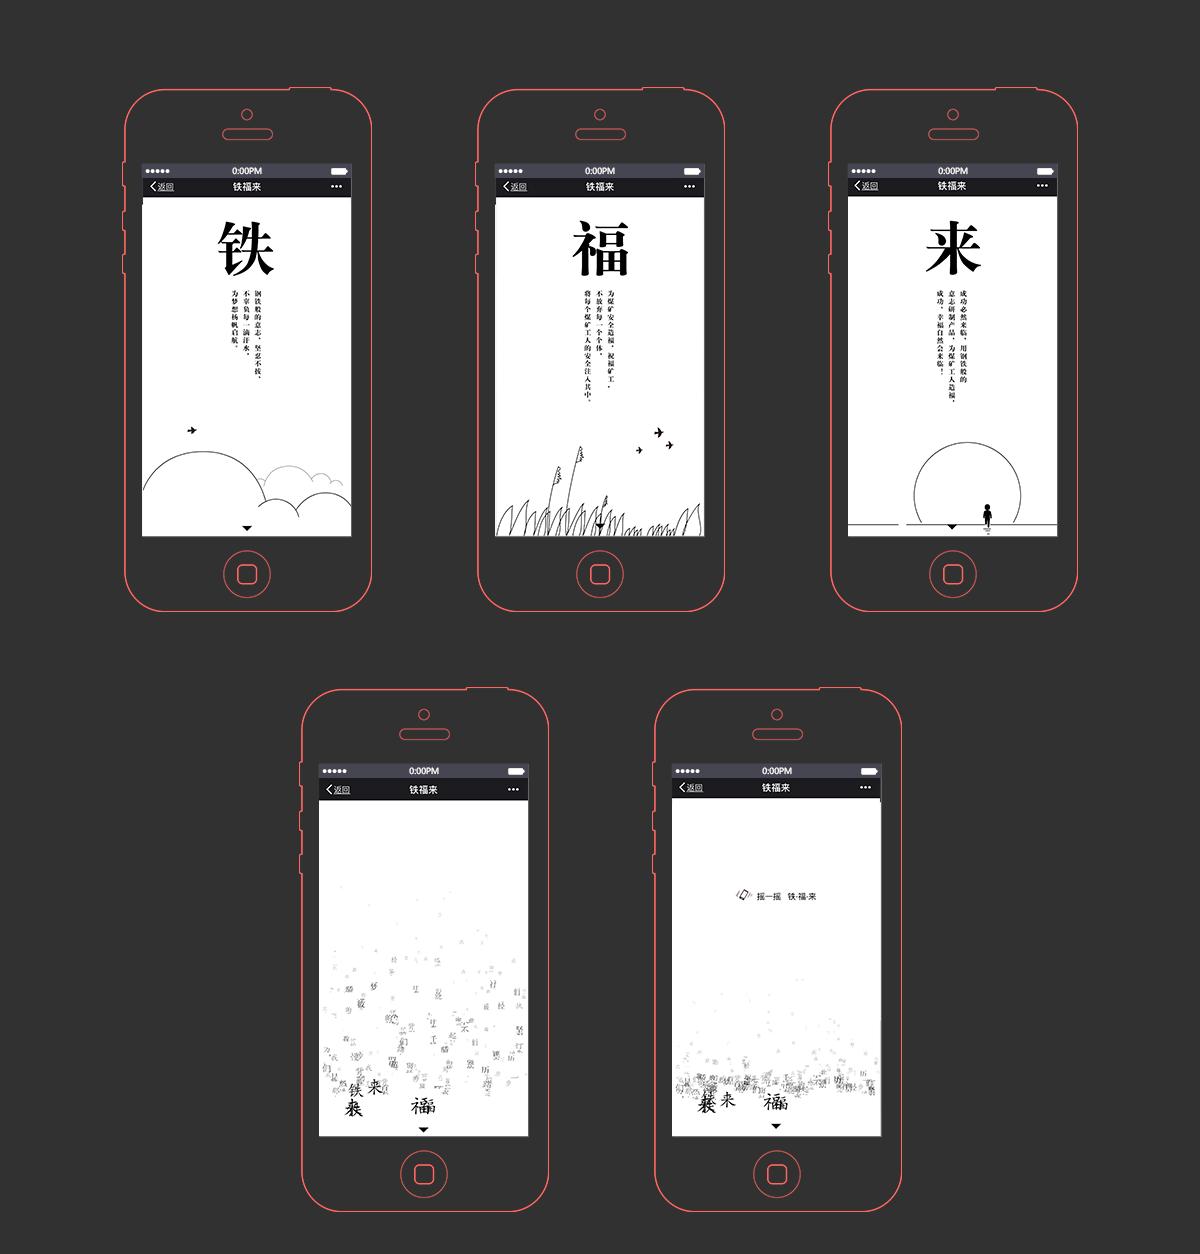 yaoqinghan_02.png